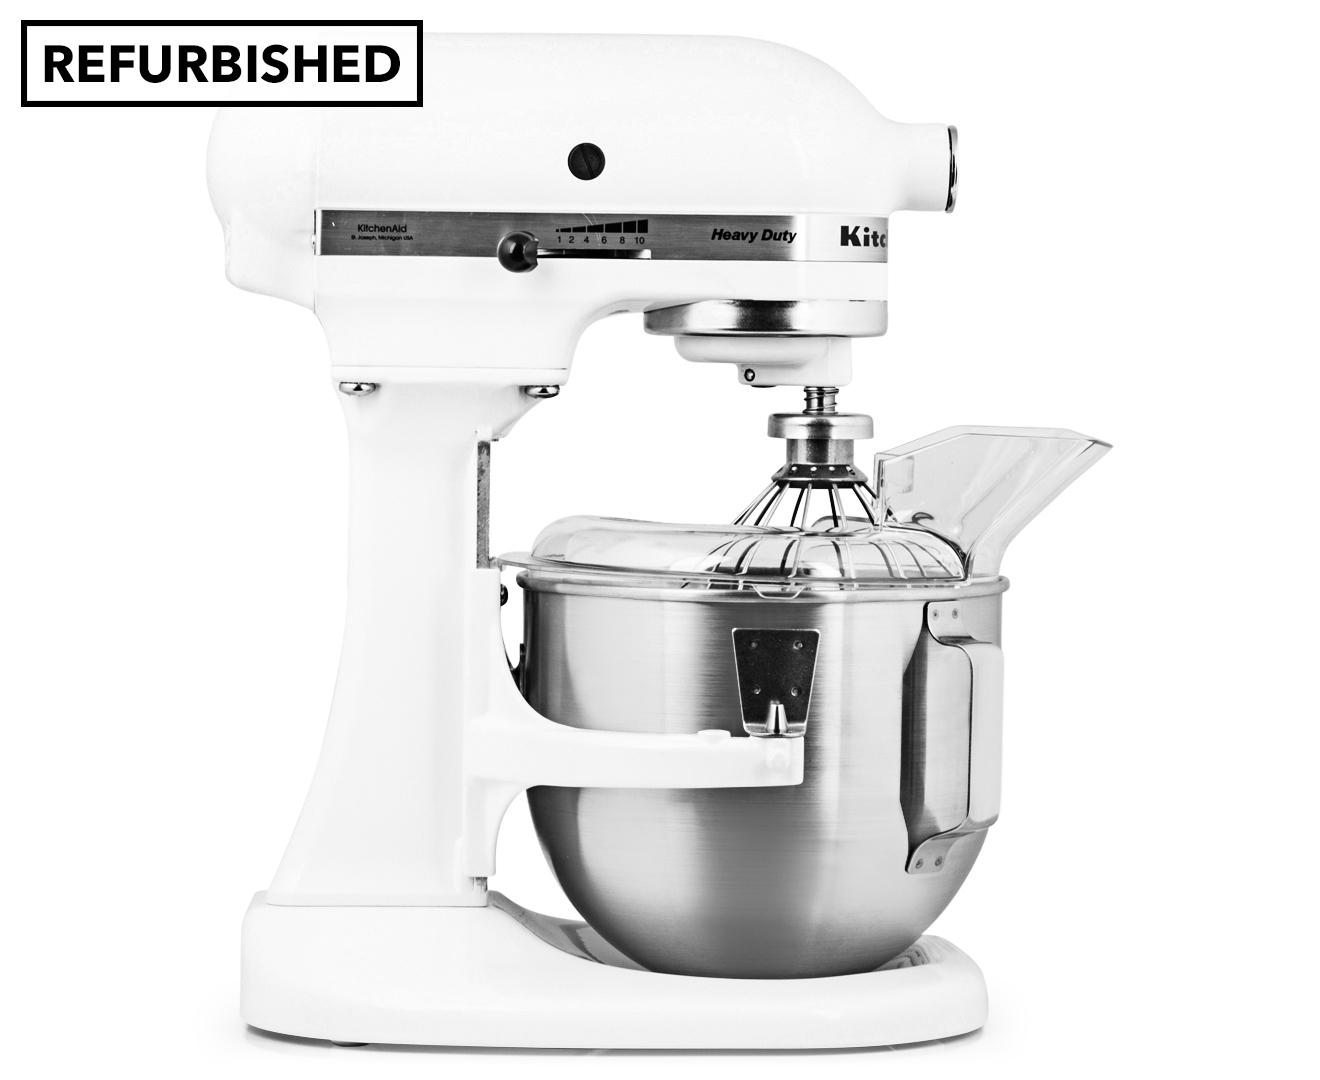 kitchen aid k5ss area rug kitchenaid bowl-lift stand mixer refurb - white ...